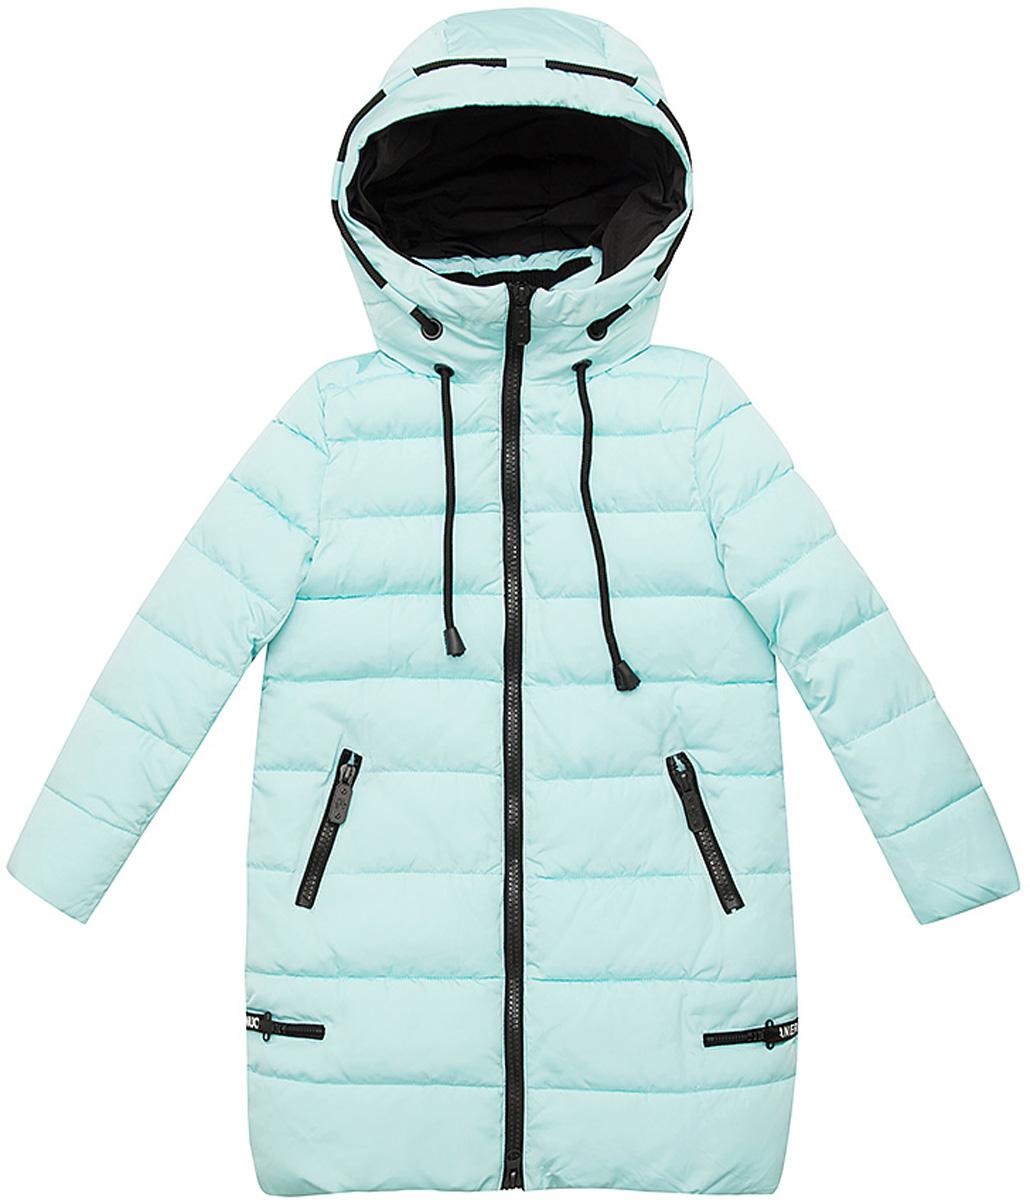 Куртка для девочки Vitacci, цвет: мятный. 2171454-32. Размер 1602171454-32Удлиненная куртка для девочки Vitacci, изготовленная из полиэстера, станет стильнымдополнением к детскому гардеробу.Подкладка выполнена из полиэстера и дополнительно утеплена флисом по спинке. В качестве утеплителя используется биопух.Модель с капюшоном и длинными рукавами застегивается на пластиковую застежку-молнию. Съемный капюшон регулируется в объеме при помощи шнурка.Температурный режим от -5 до -25 градусов.Красивый цвет, модный силуэтобеспечивают куртке прекрасный внешний вид! Теплая, удобная и практичная куртка идеально подойдет юной моднице для прогулок!